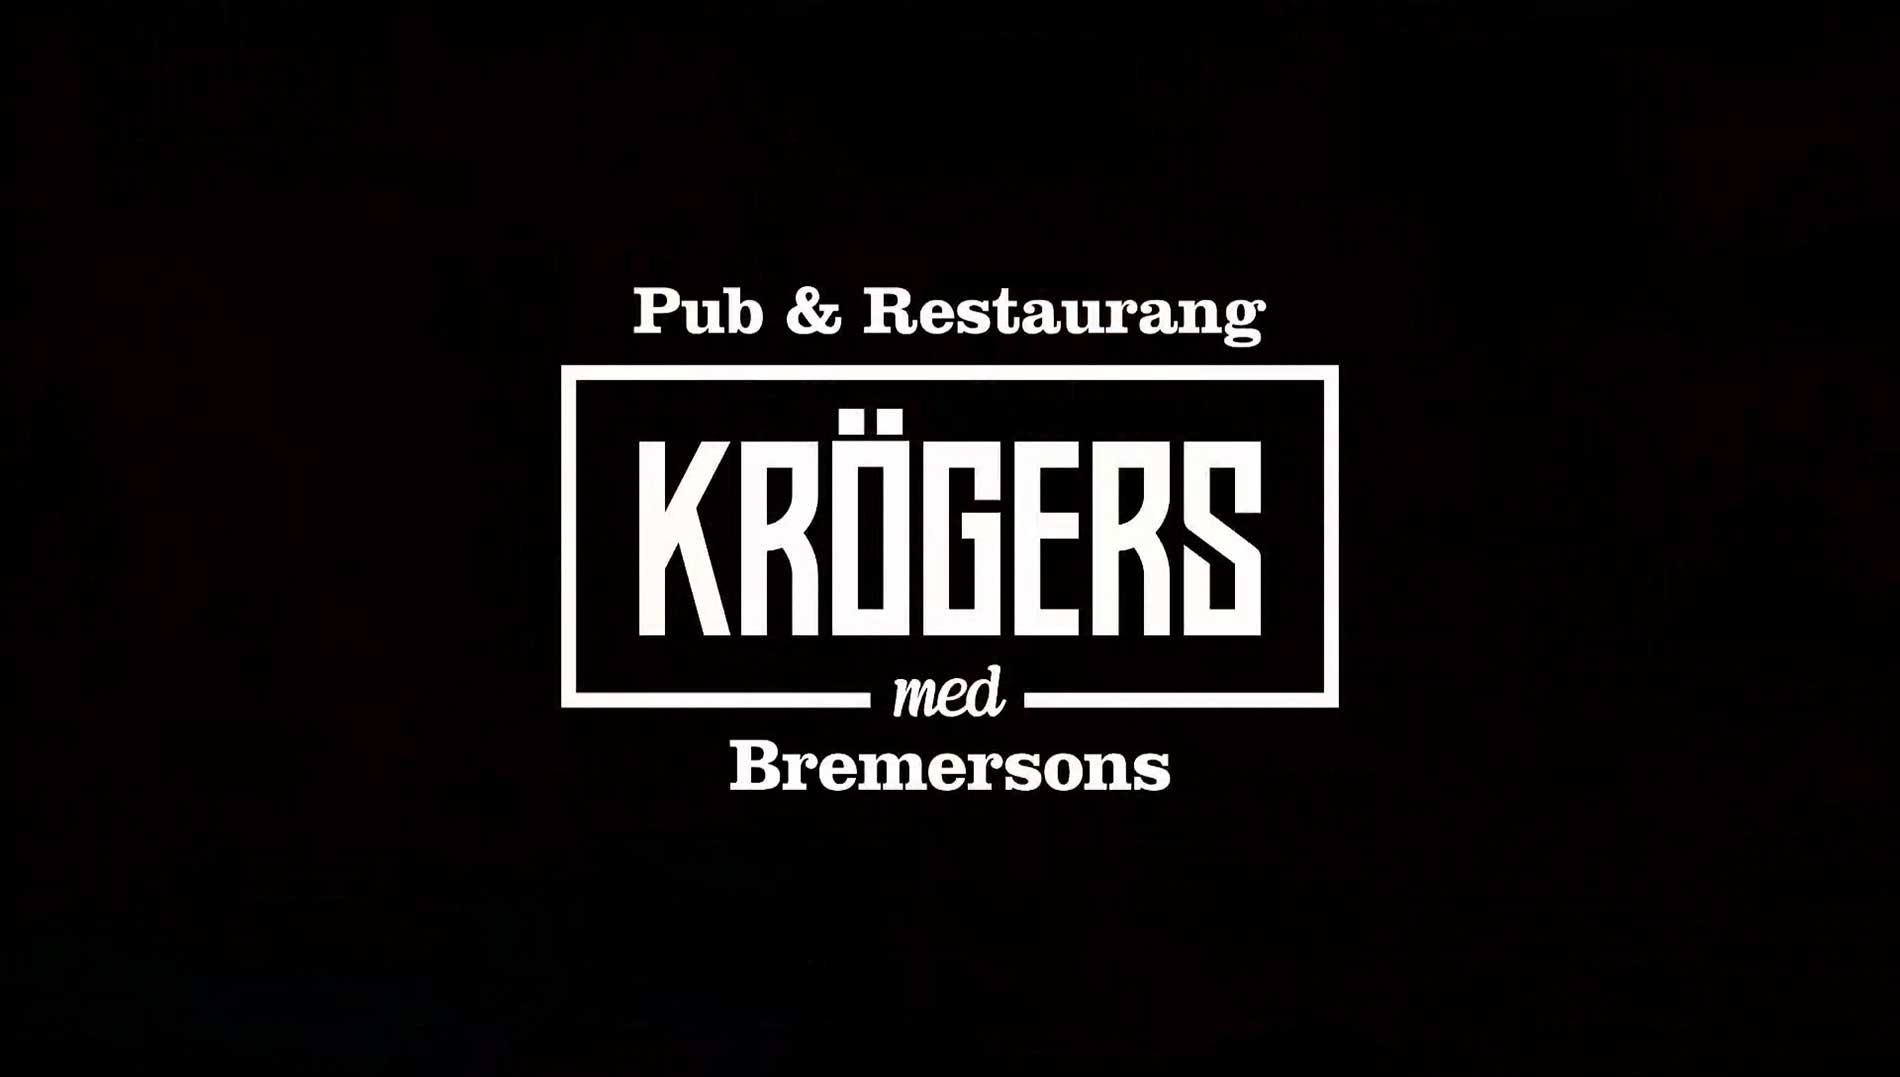 restaurang mötesplatsen Finspång